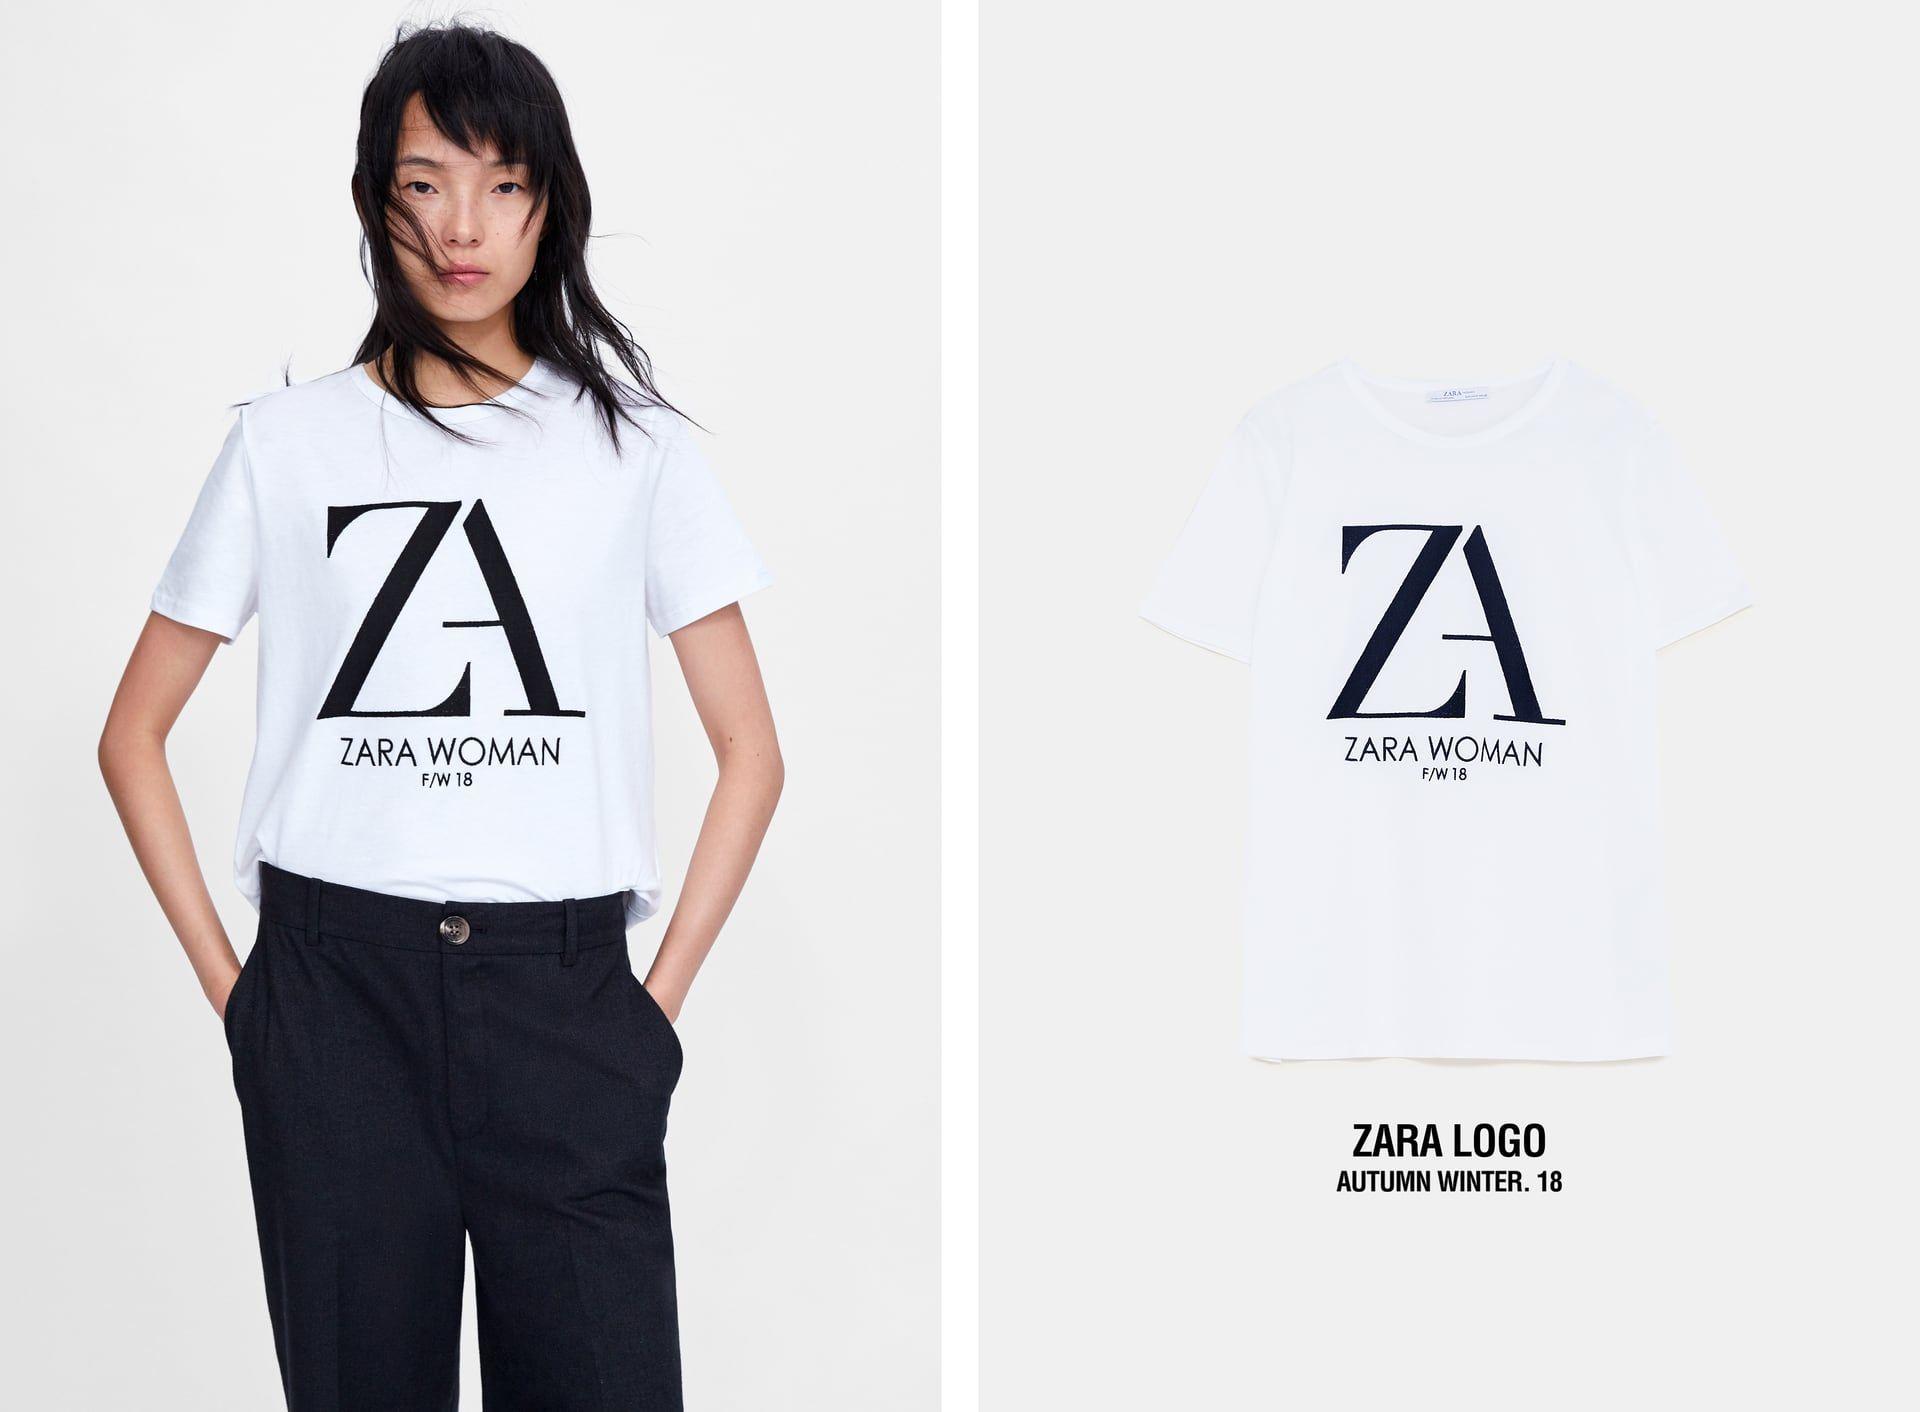 e272ea3f56 ZARA LOGO T-SHIRT | « A T T I R E » in 2019 | Zara logo, Zara ...